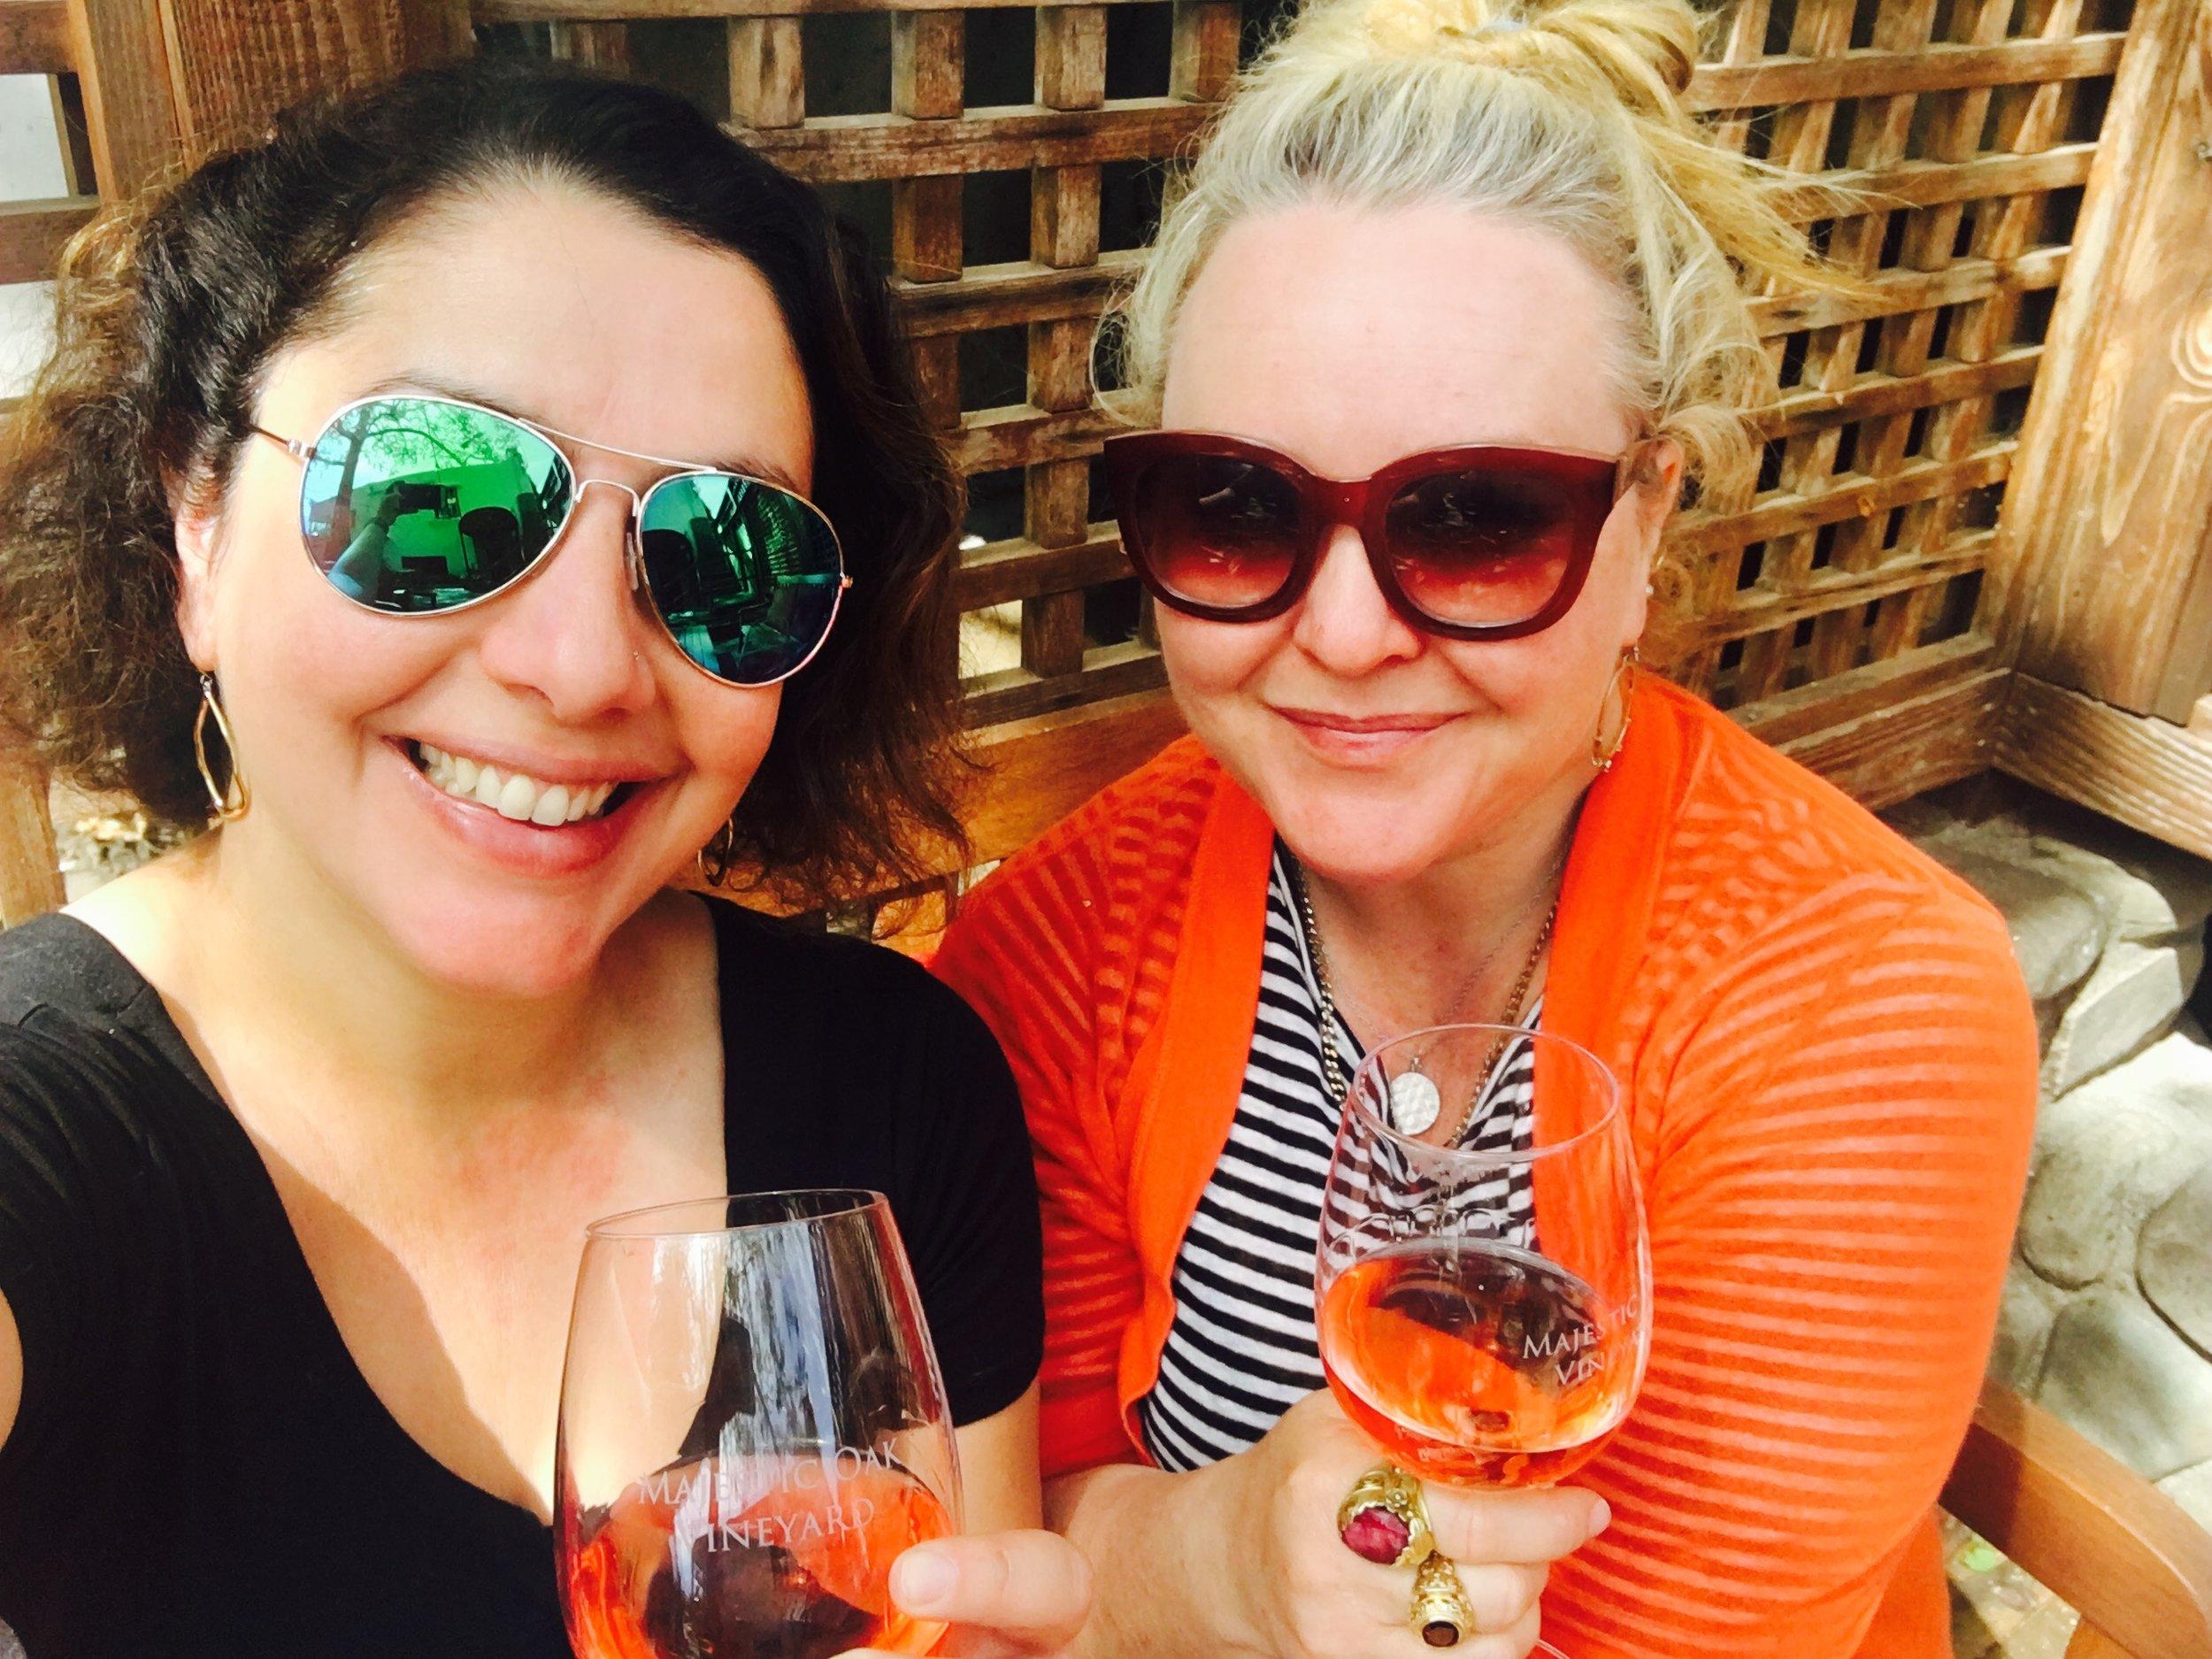 Marie and Julia wine tasting